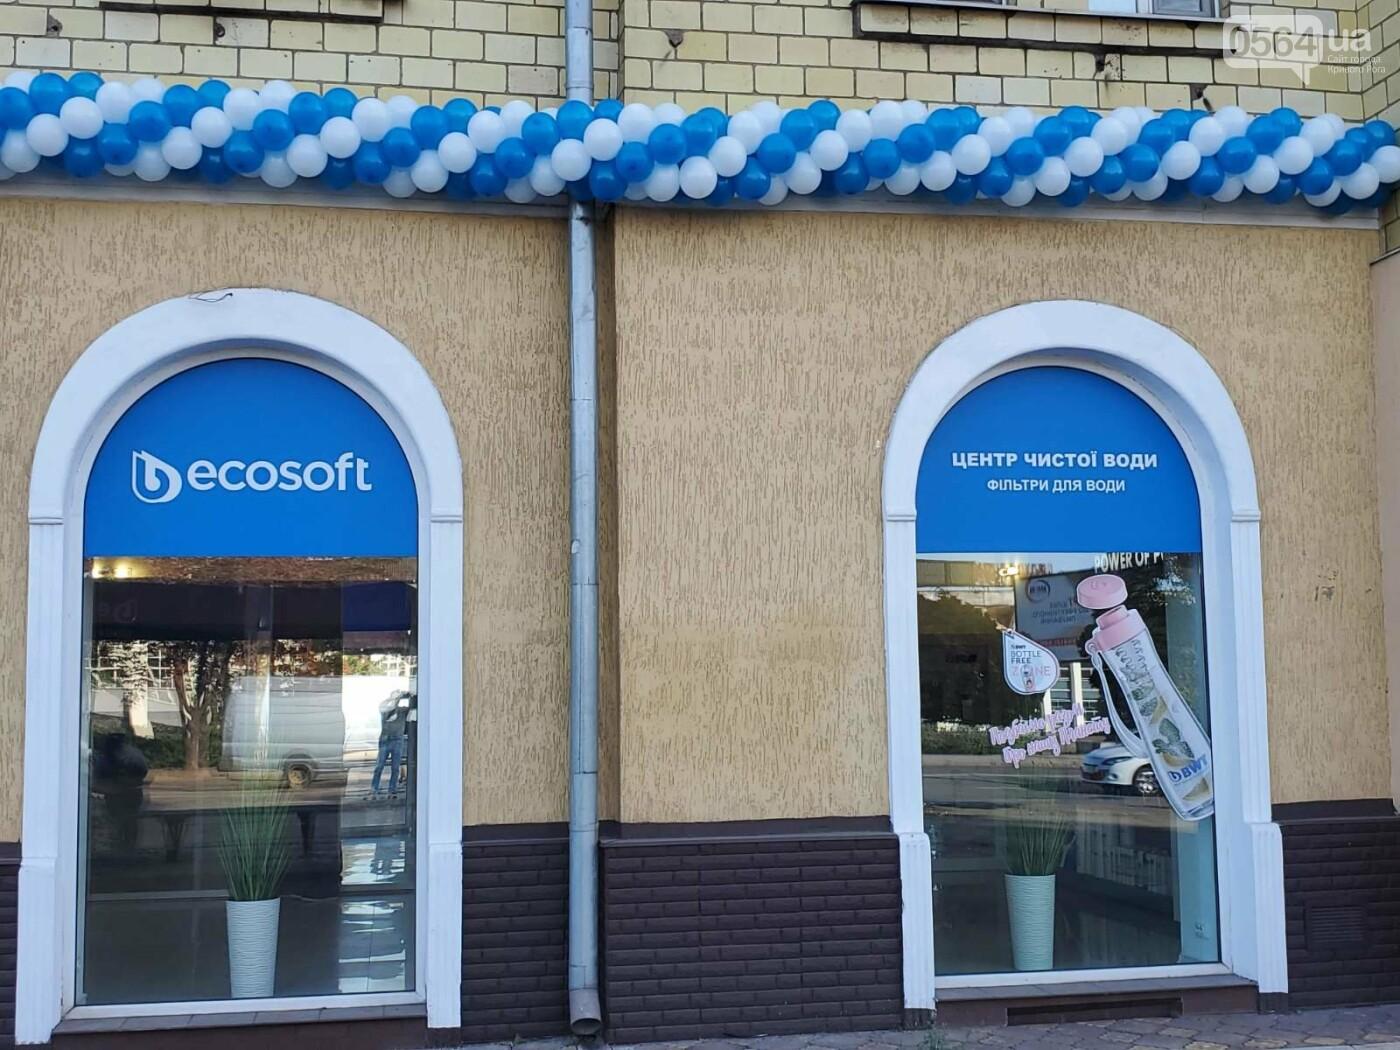 В Кривом Роге открылся фирменный магазин Ecosoft – признанного лидера по производству и продаже фильтров в Украине, фото-3